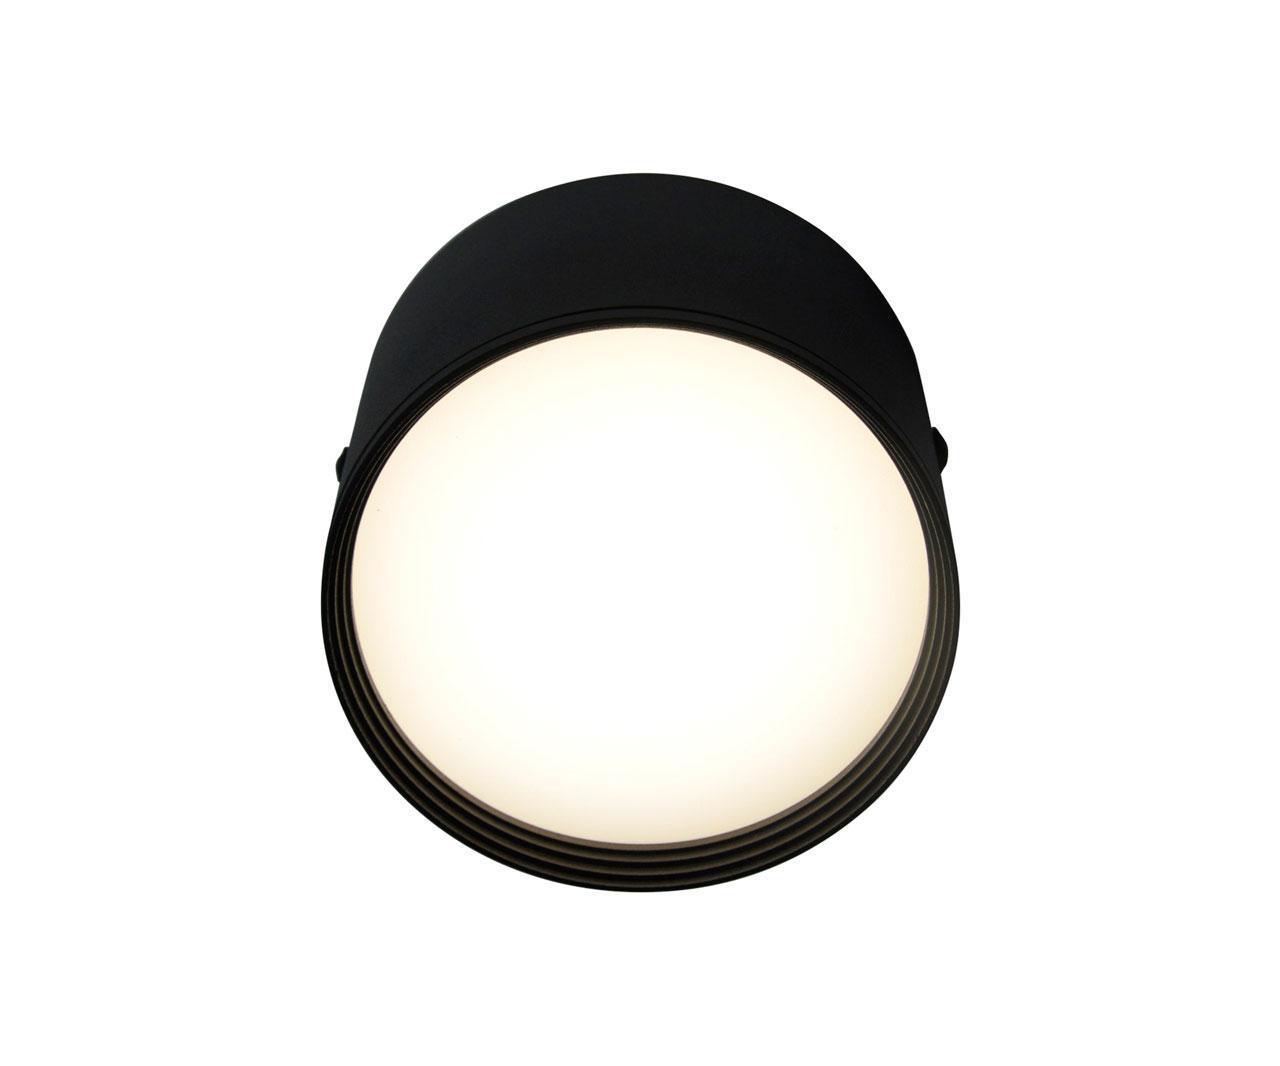 цена на Потолочный светильник Kink Light 05410,19, черный